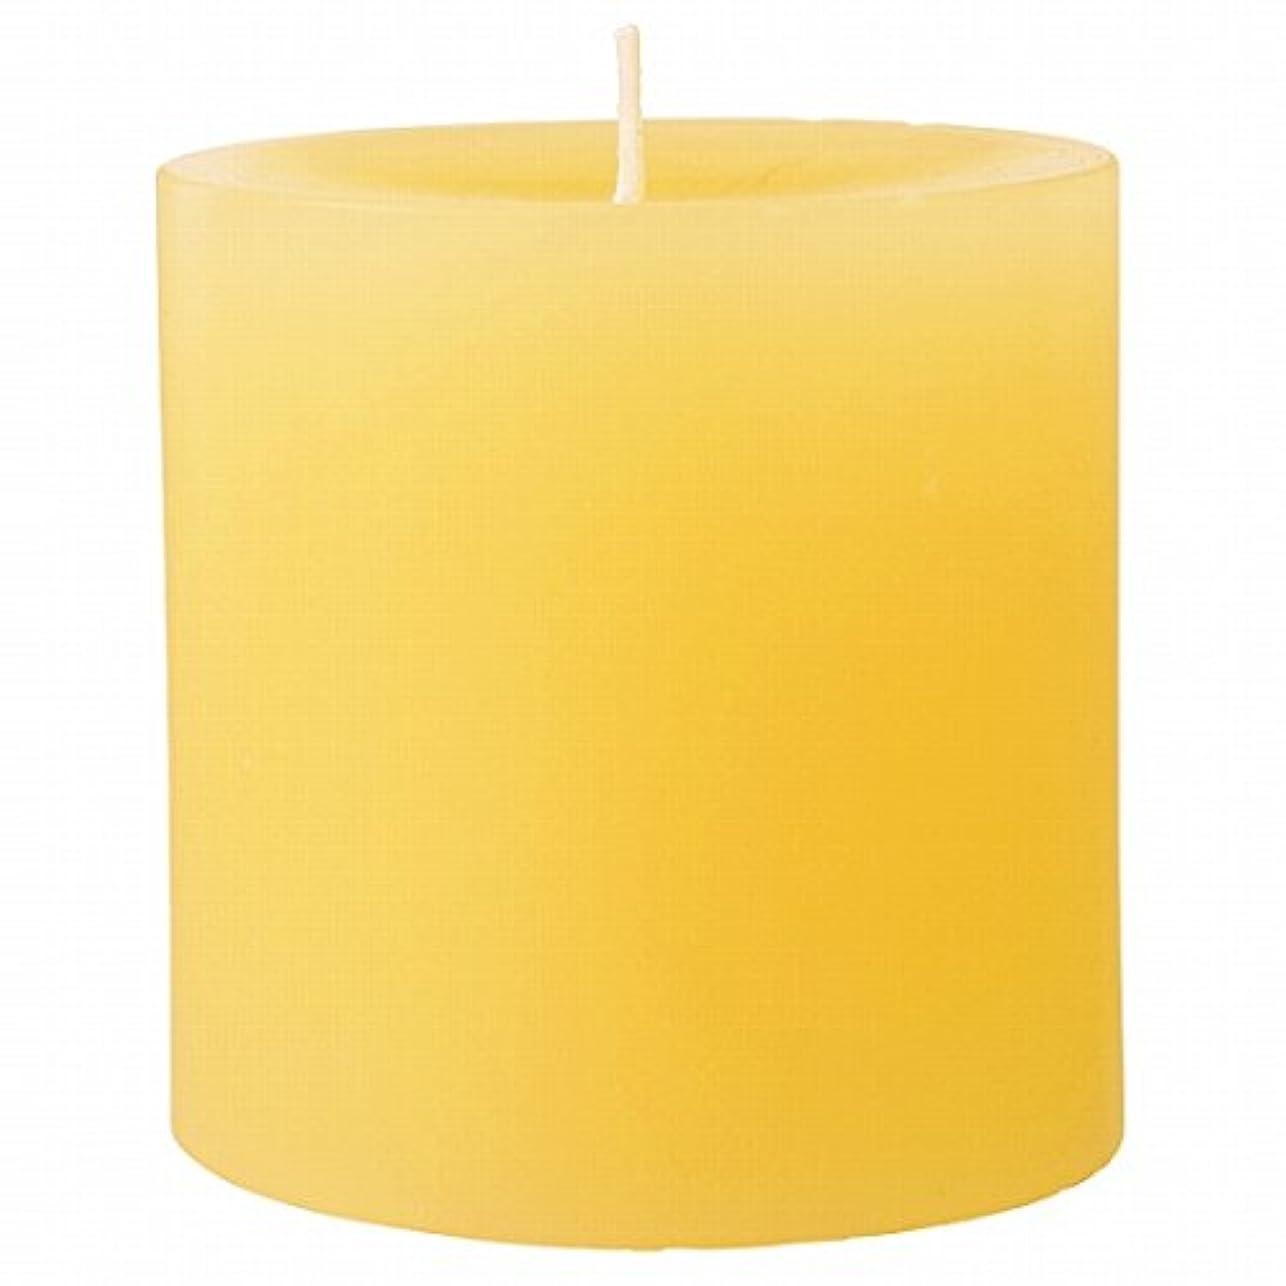 推定パーチナシティポータルカメヤマキャンドル(kameyama candle) 75×75ピラーキャンドル 「 アイボリー 」